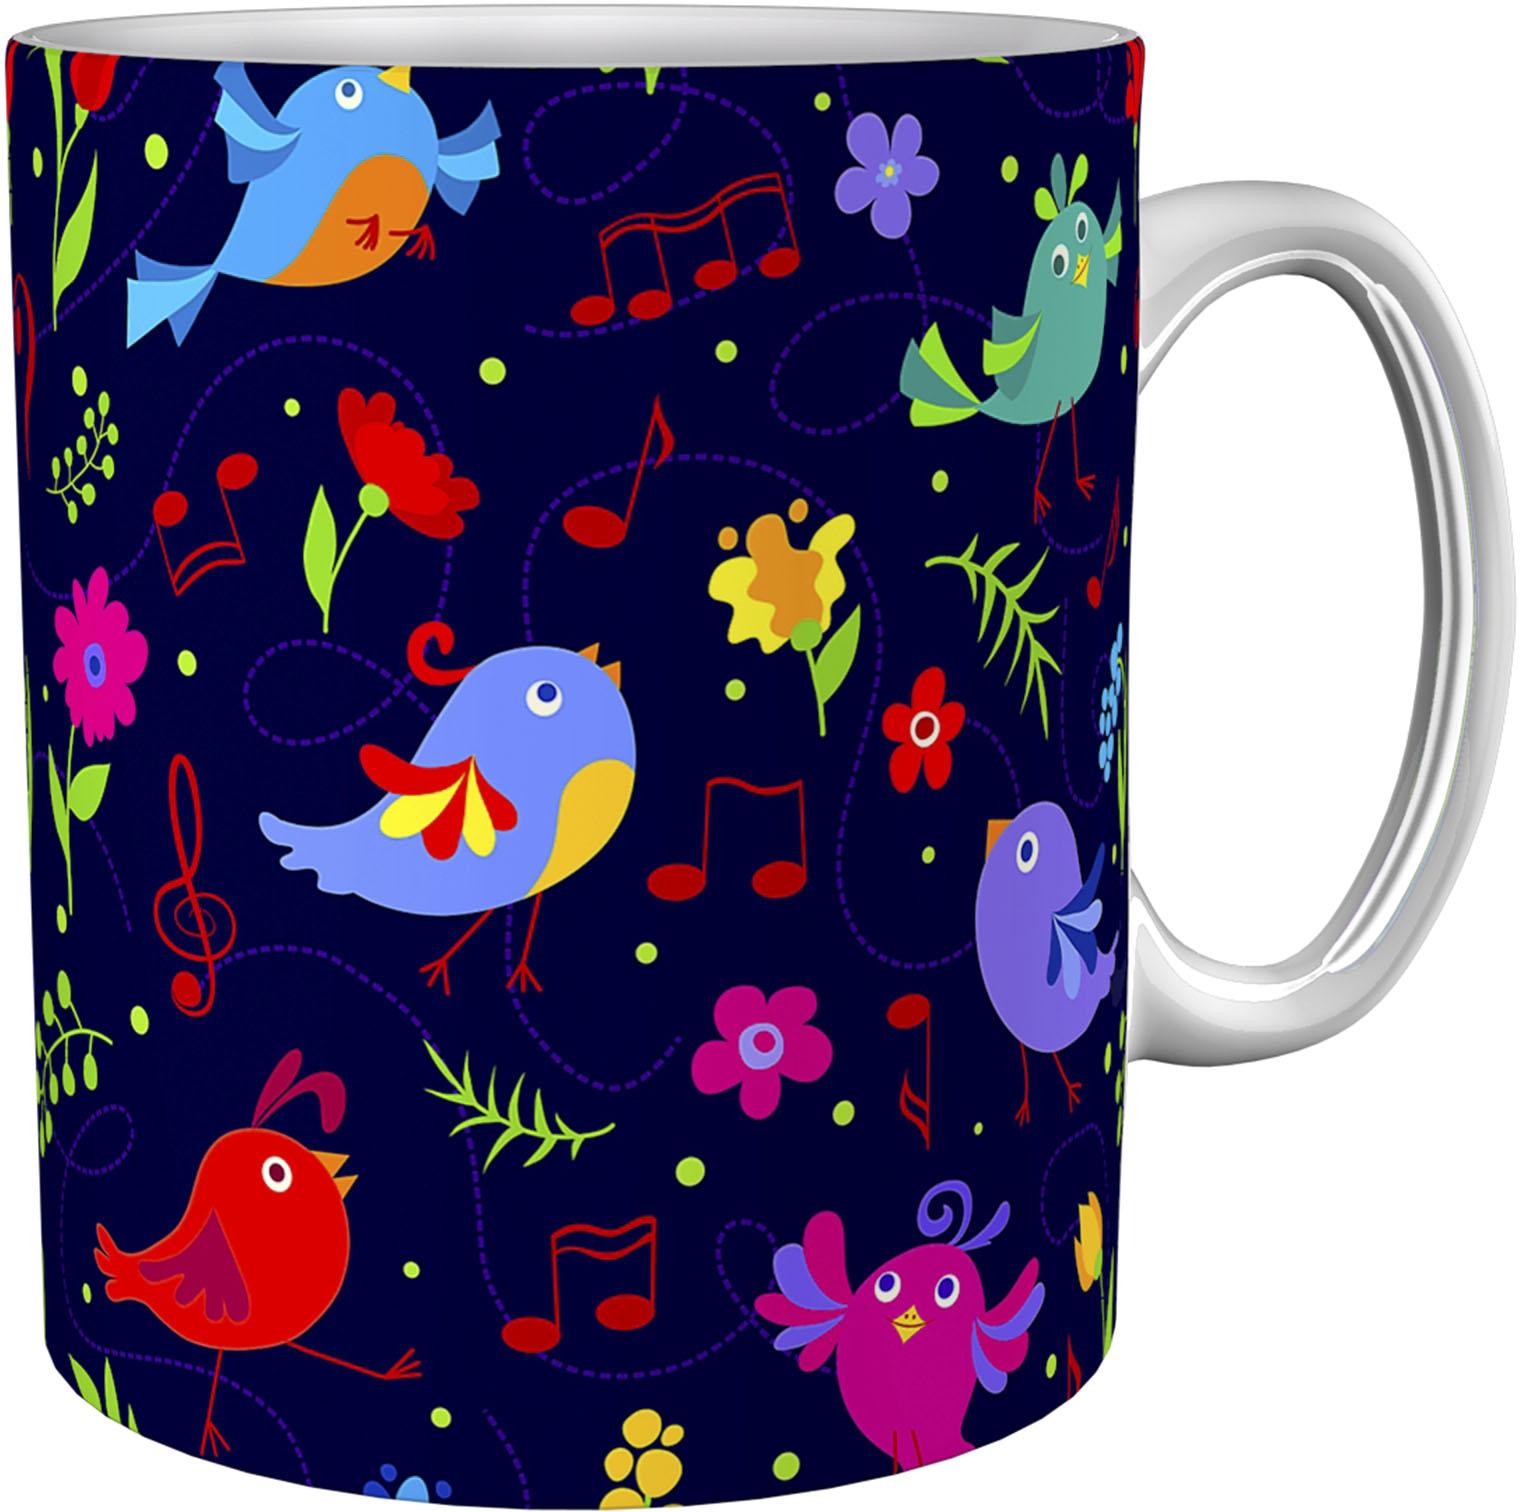 Kaffeetasse / Kaffeebecher / Vögel / Geschenktasse